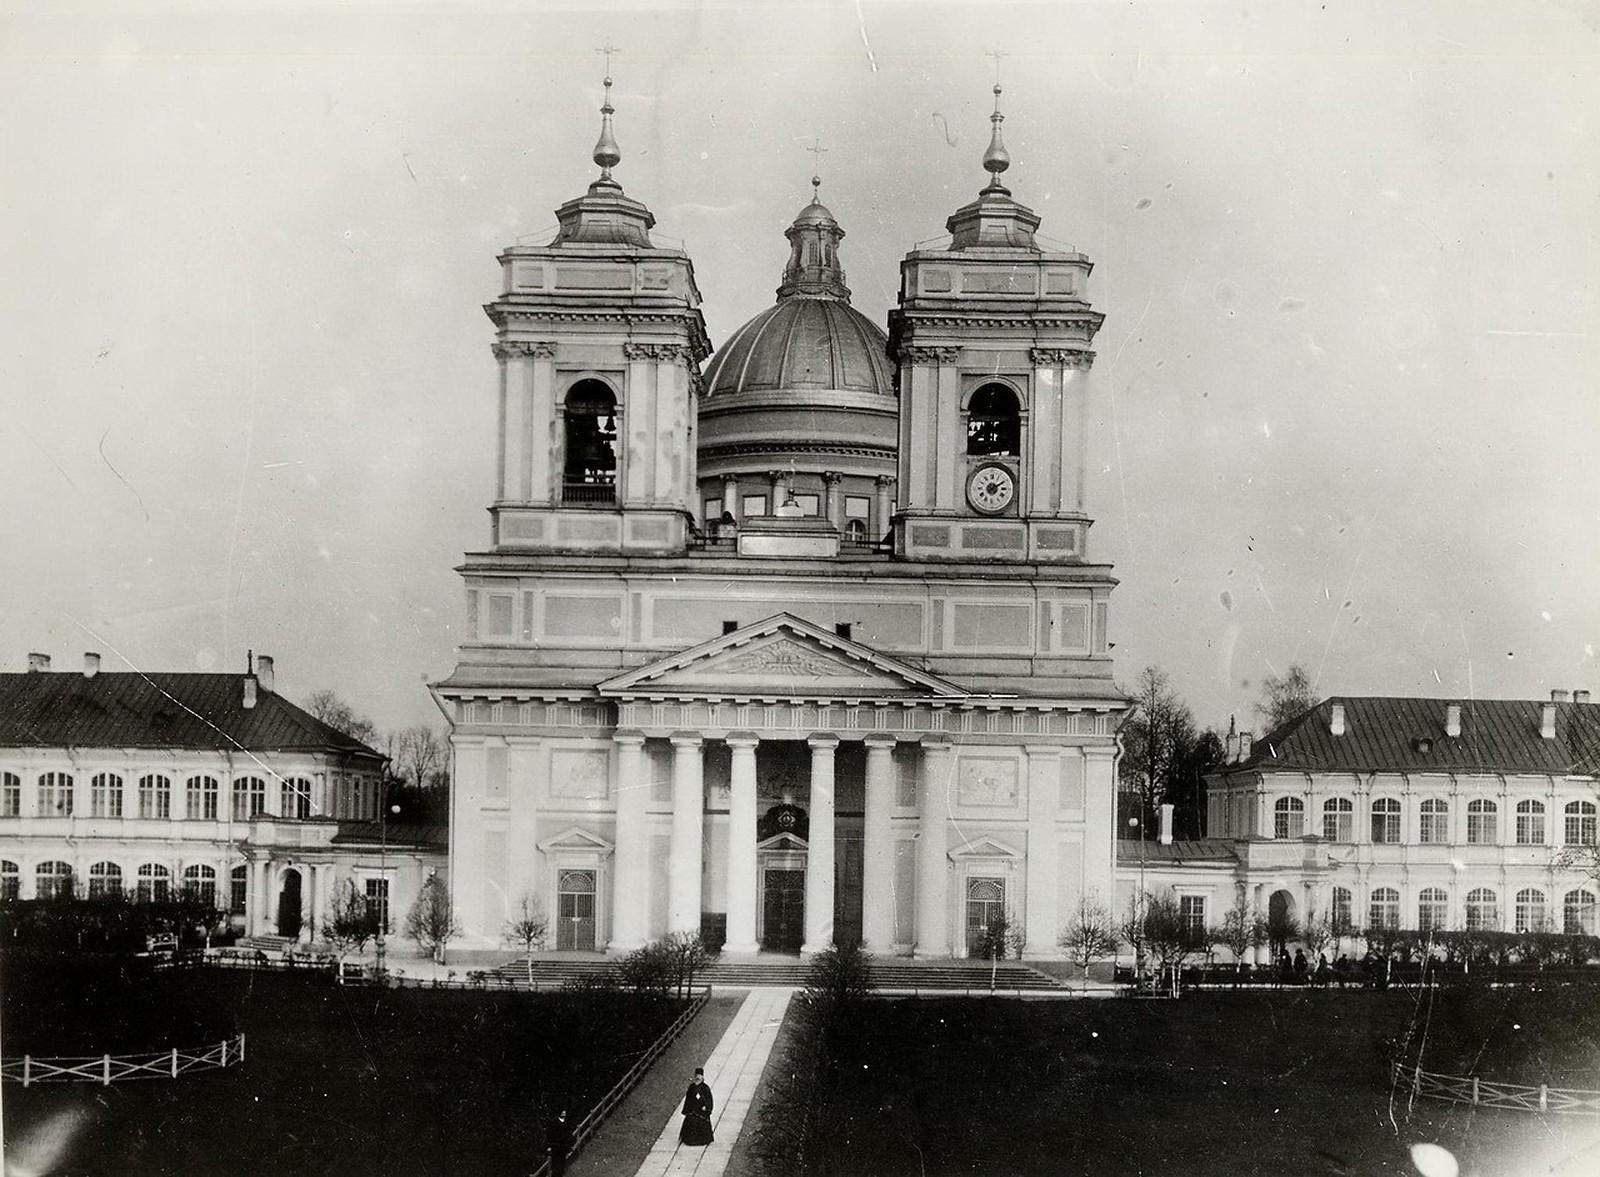 64. 1910. Троицкий собор Александро-Невской лавры в Санкт-Петербурге